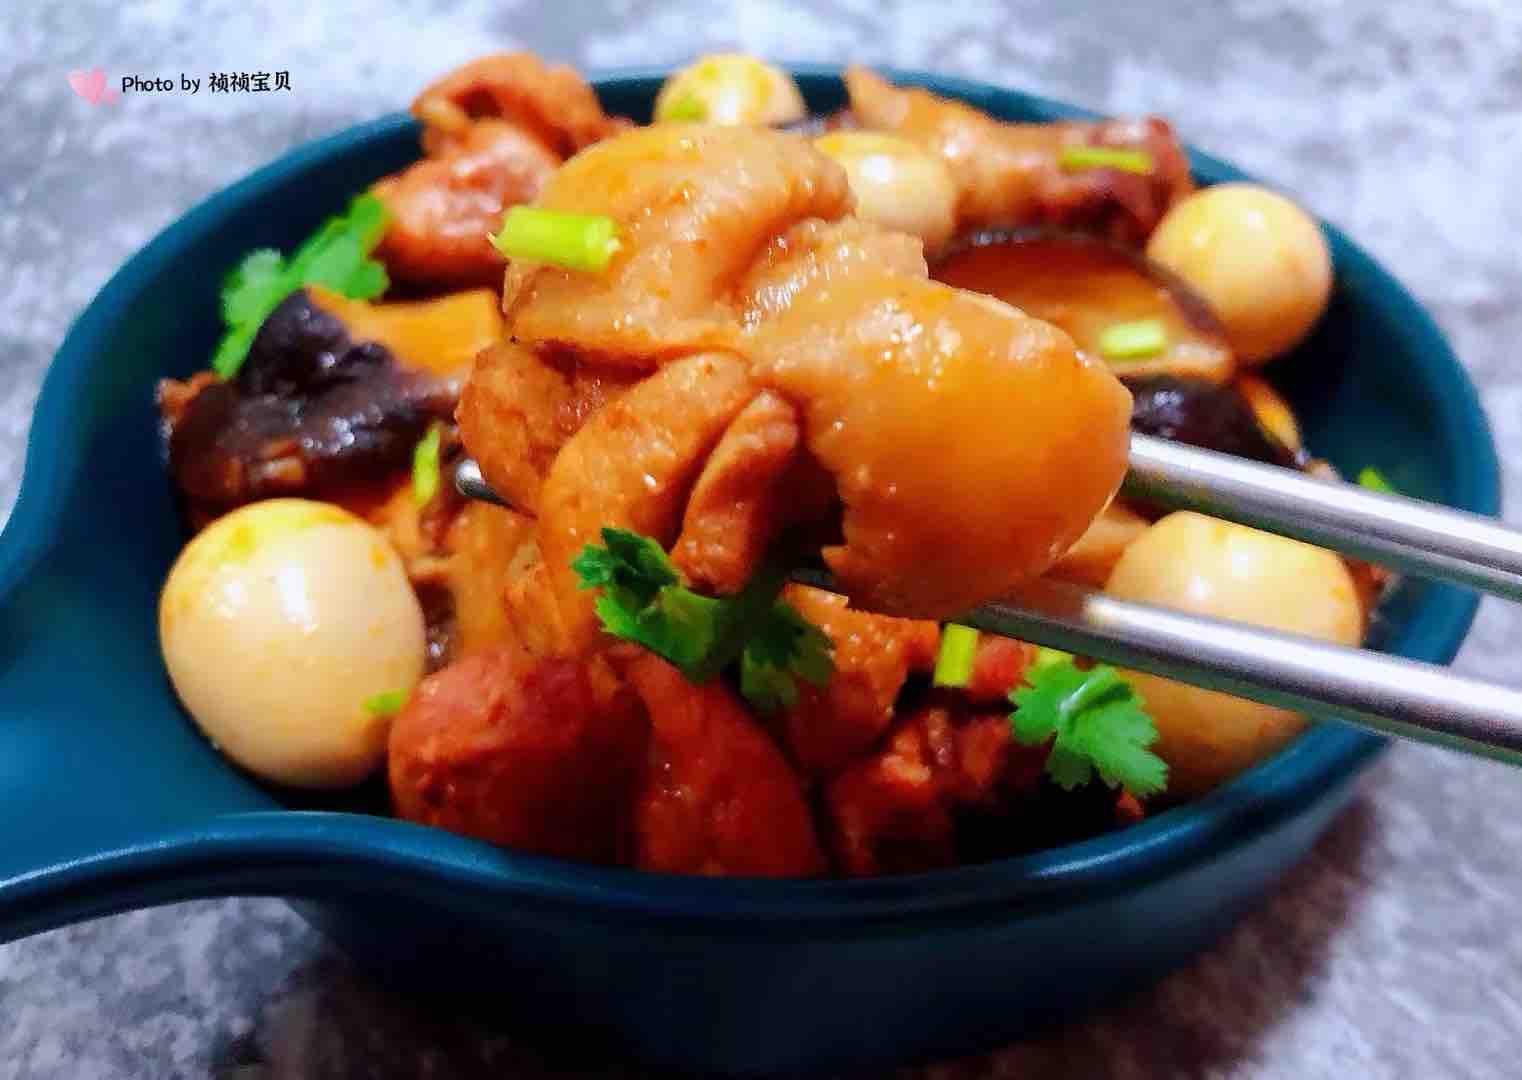 香菇鹌鹑蛋炖鸡腿的制作